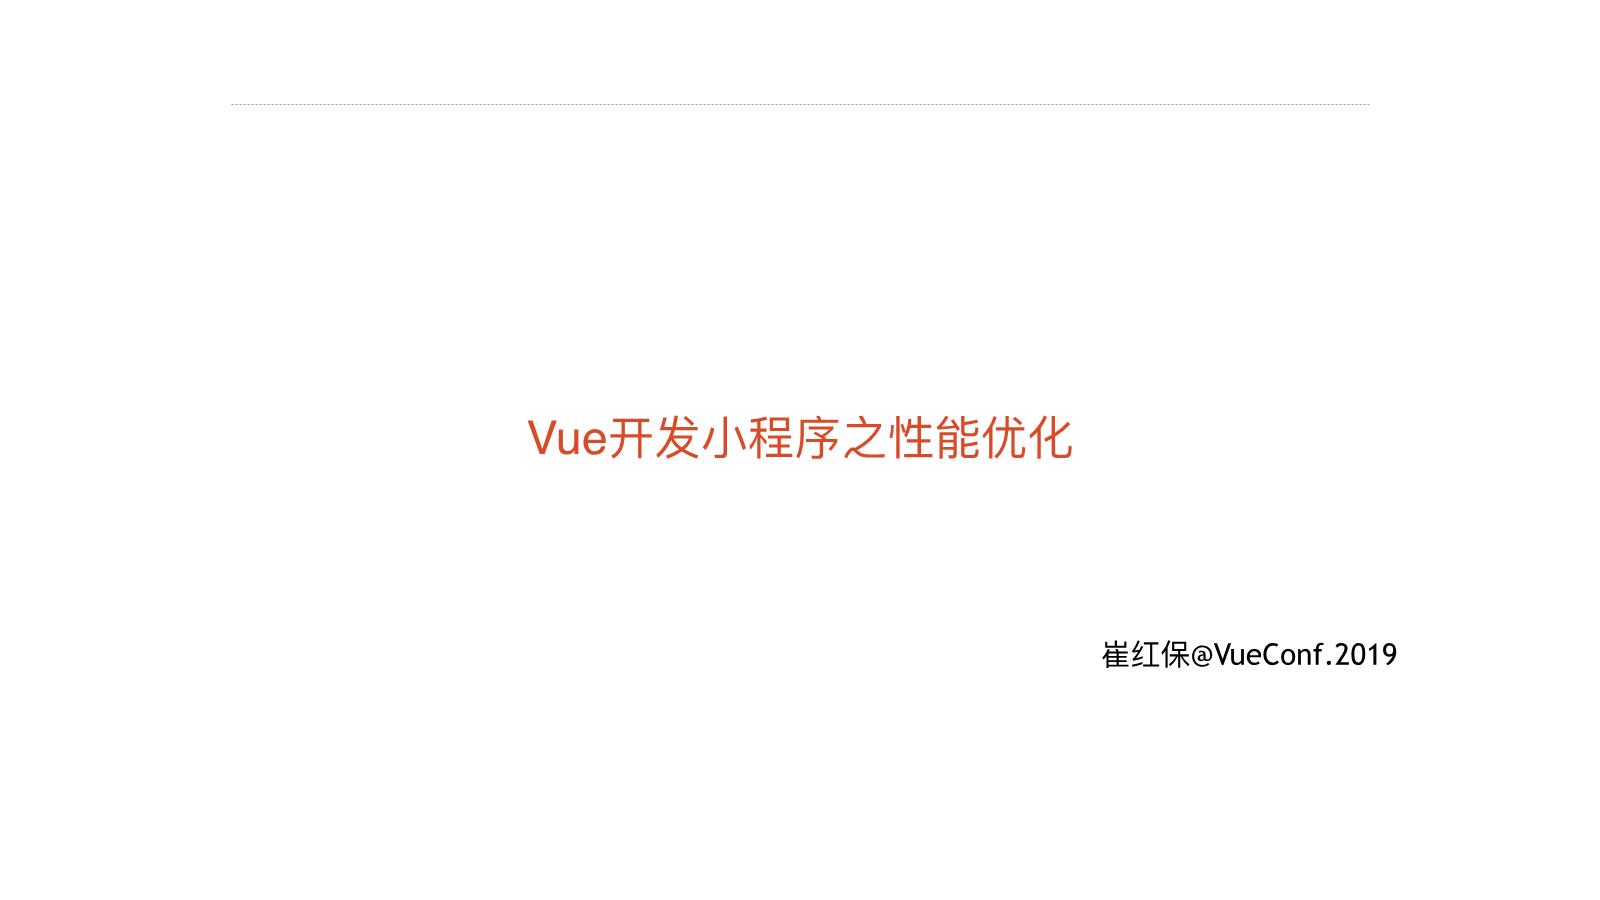 崔红保-Vue开发小程序之性能优化